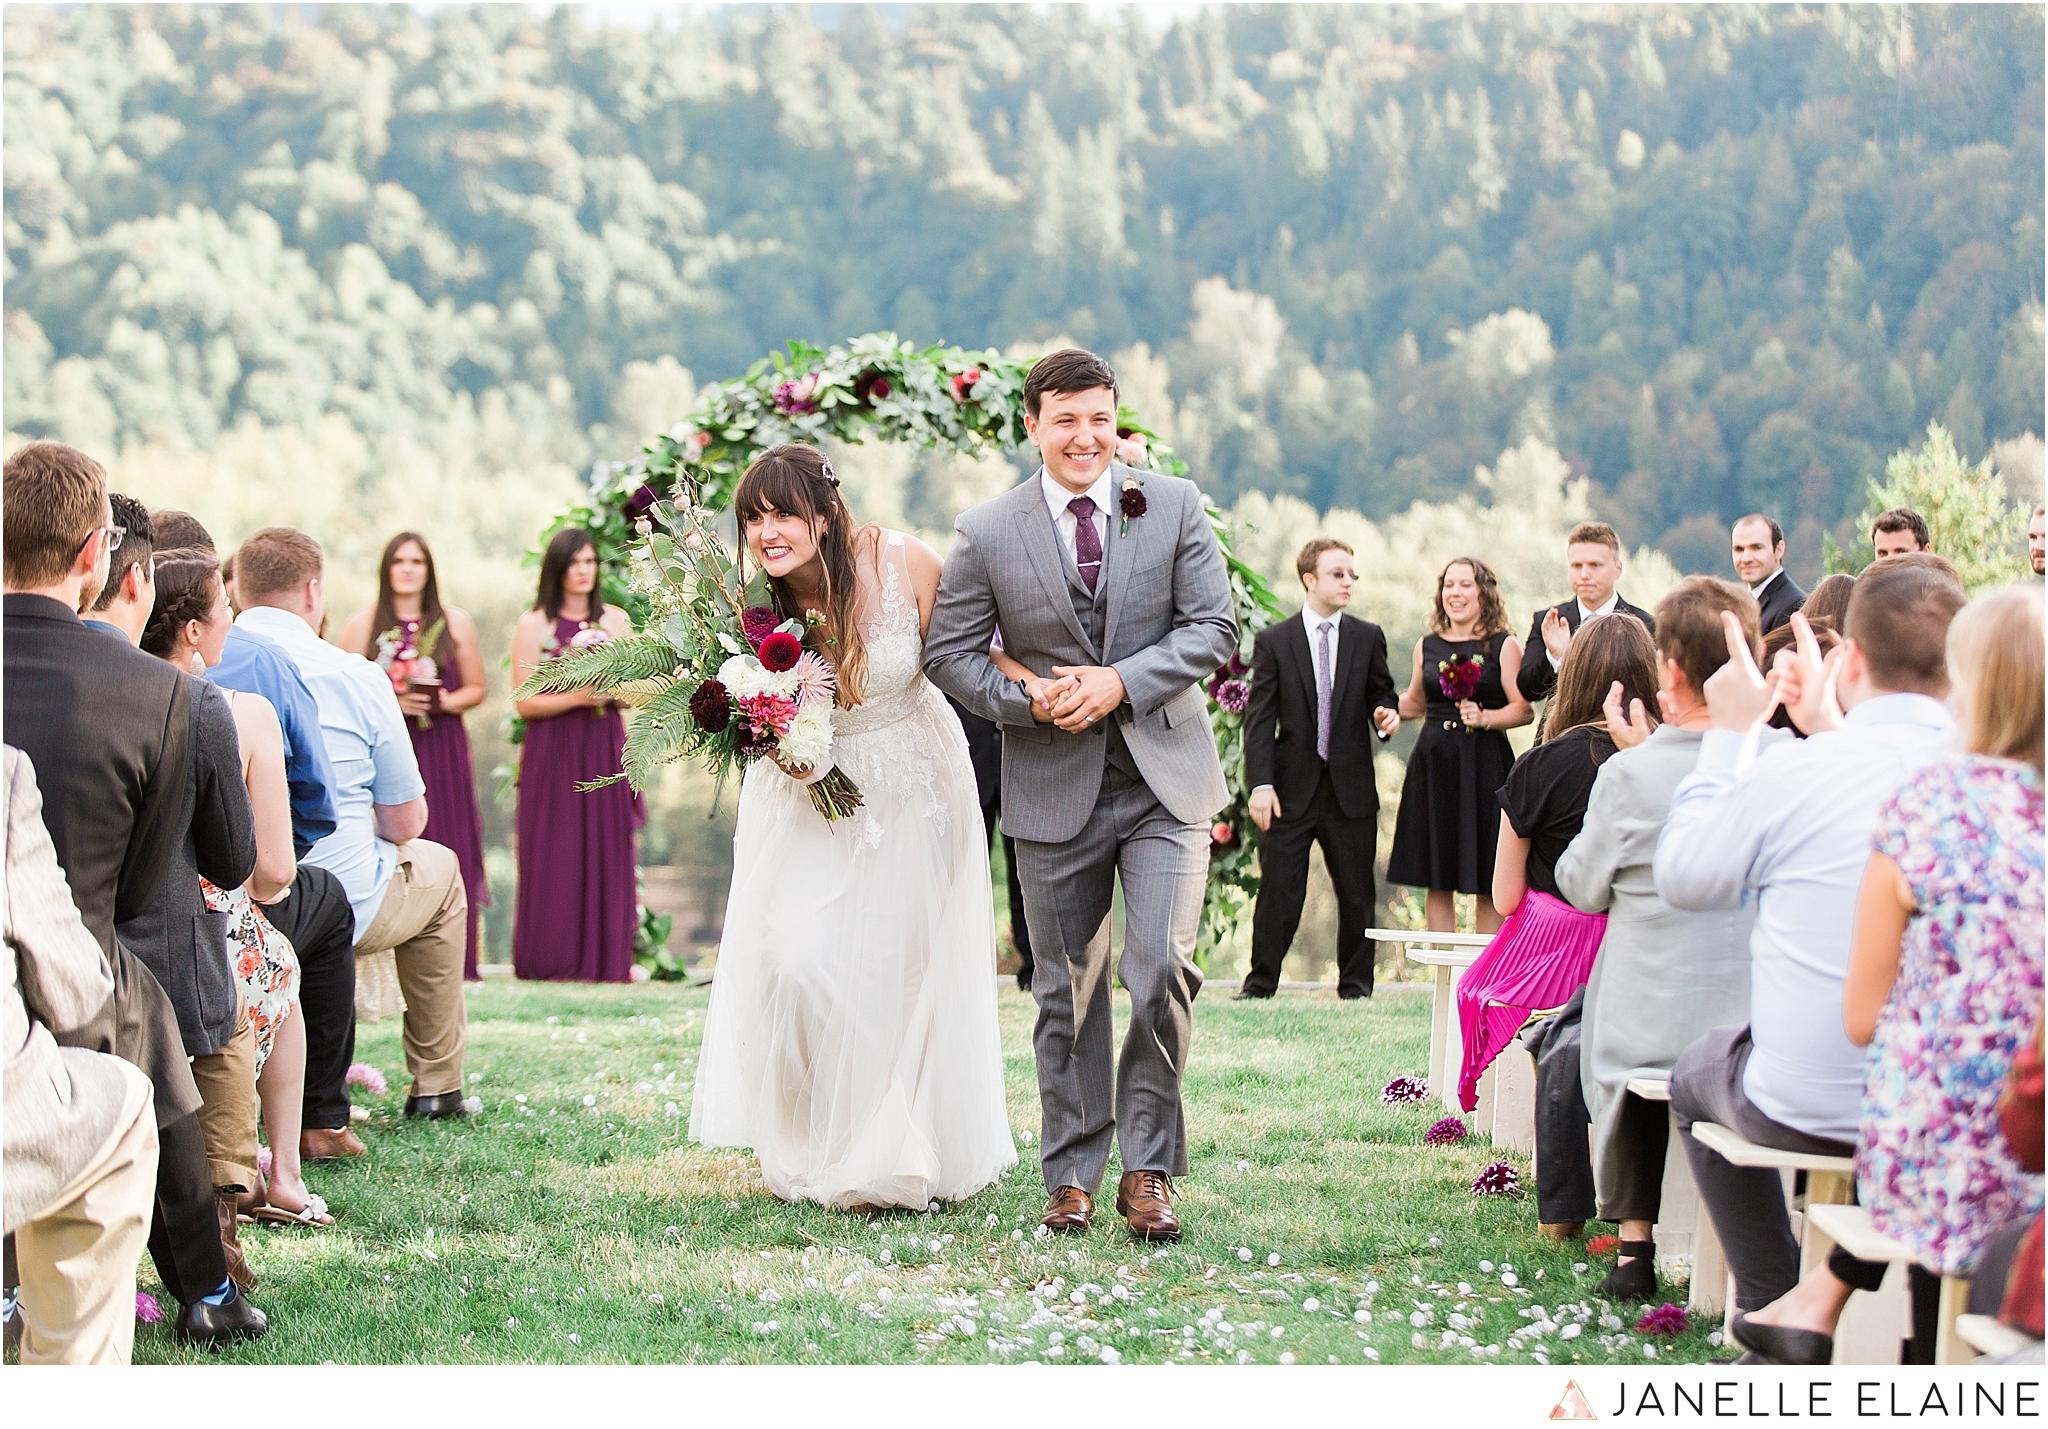 seattle-portrait-engagement-wedding-photographer-janelle-elaine-photography-67.jpg